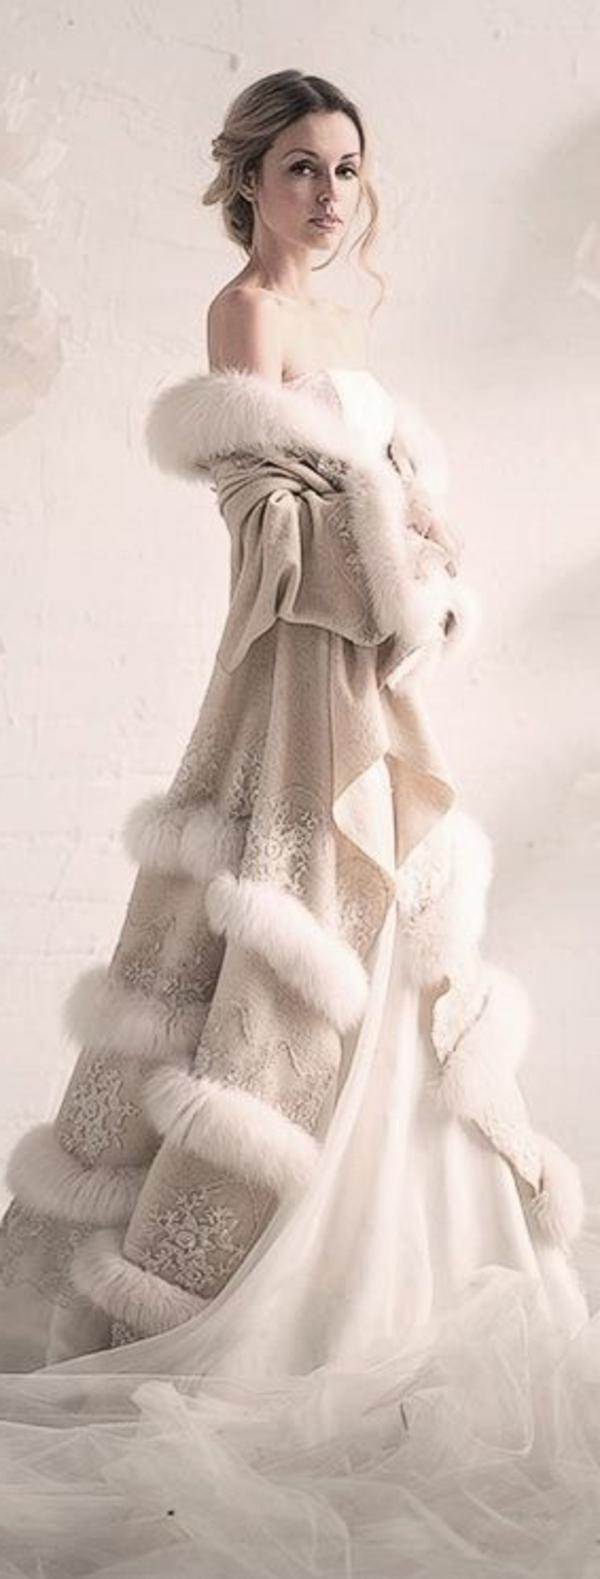 le-jour-du-mariage-avec-une-robe-princesse-hiver